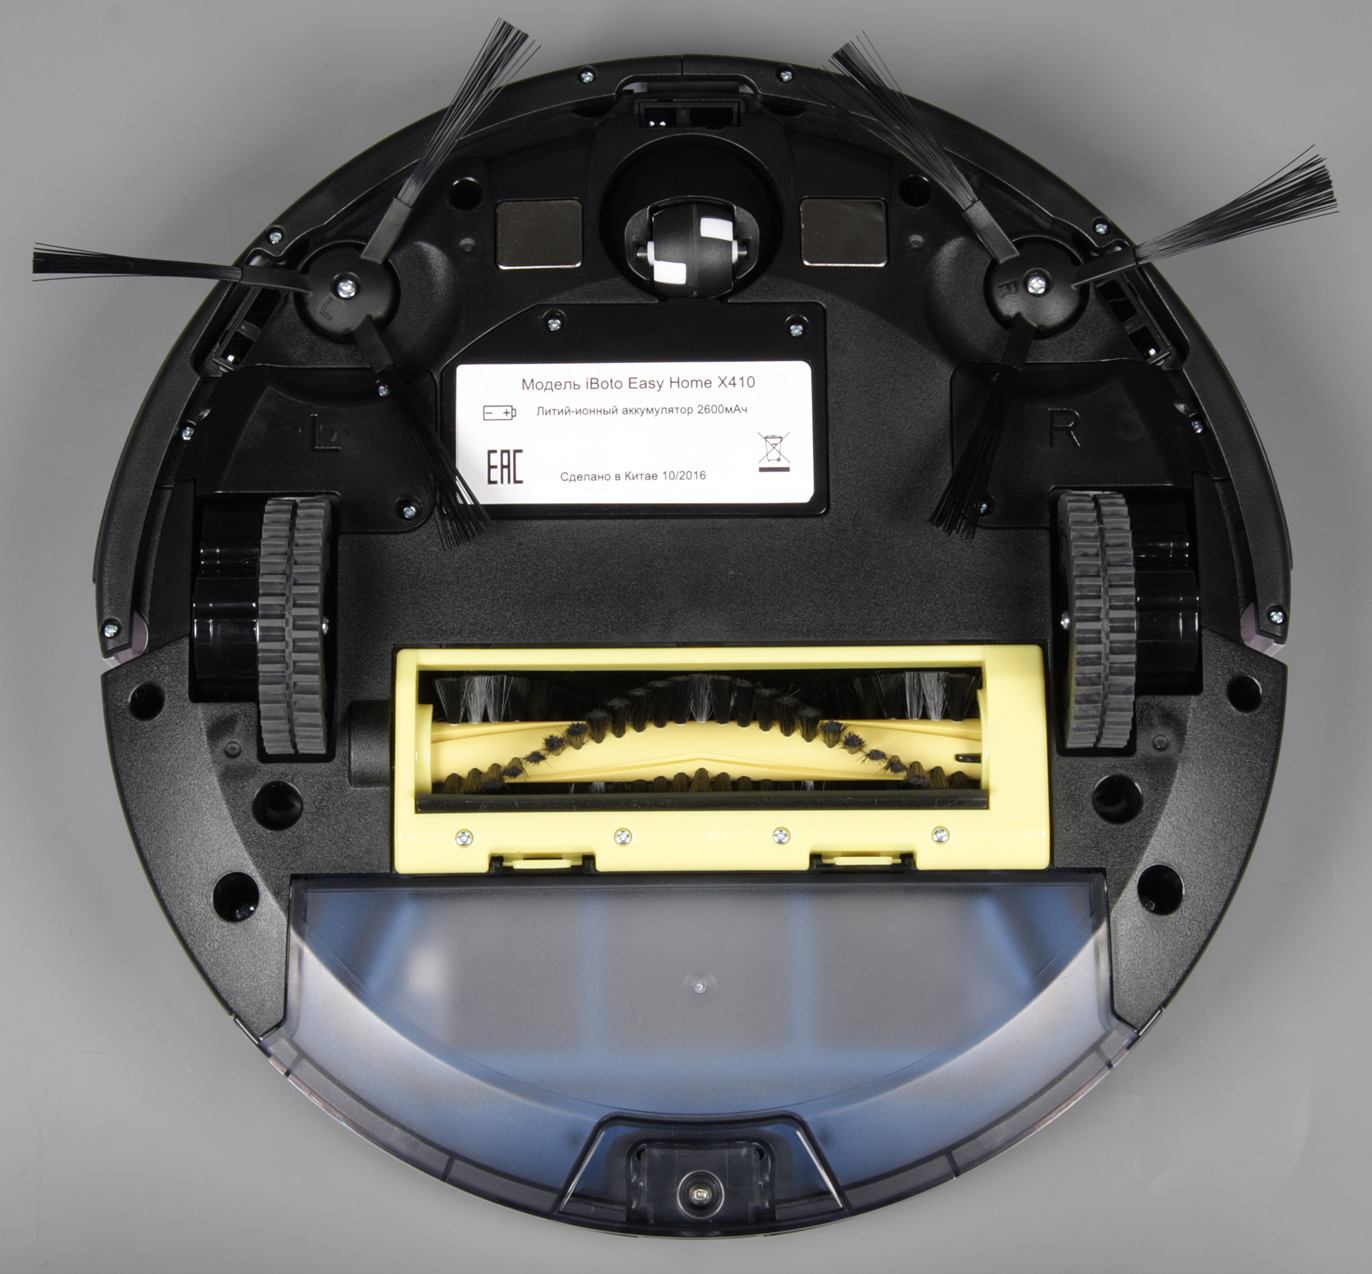 Обзор робота-пылесоса iBoto Easy Home X410 с невысоким корпусом